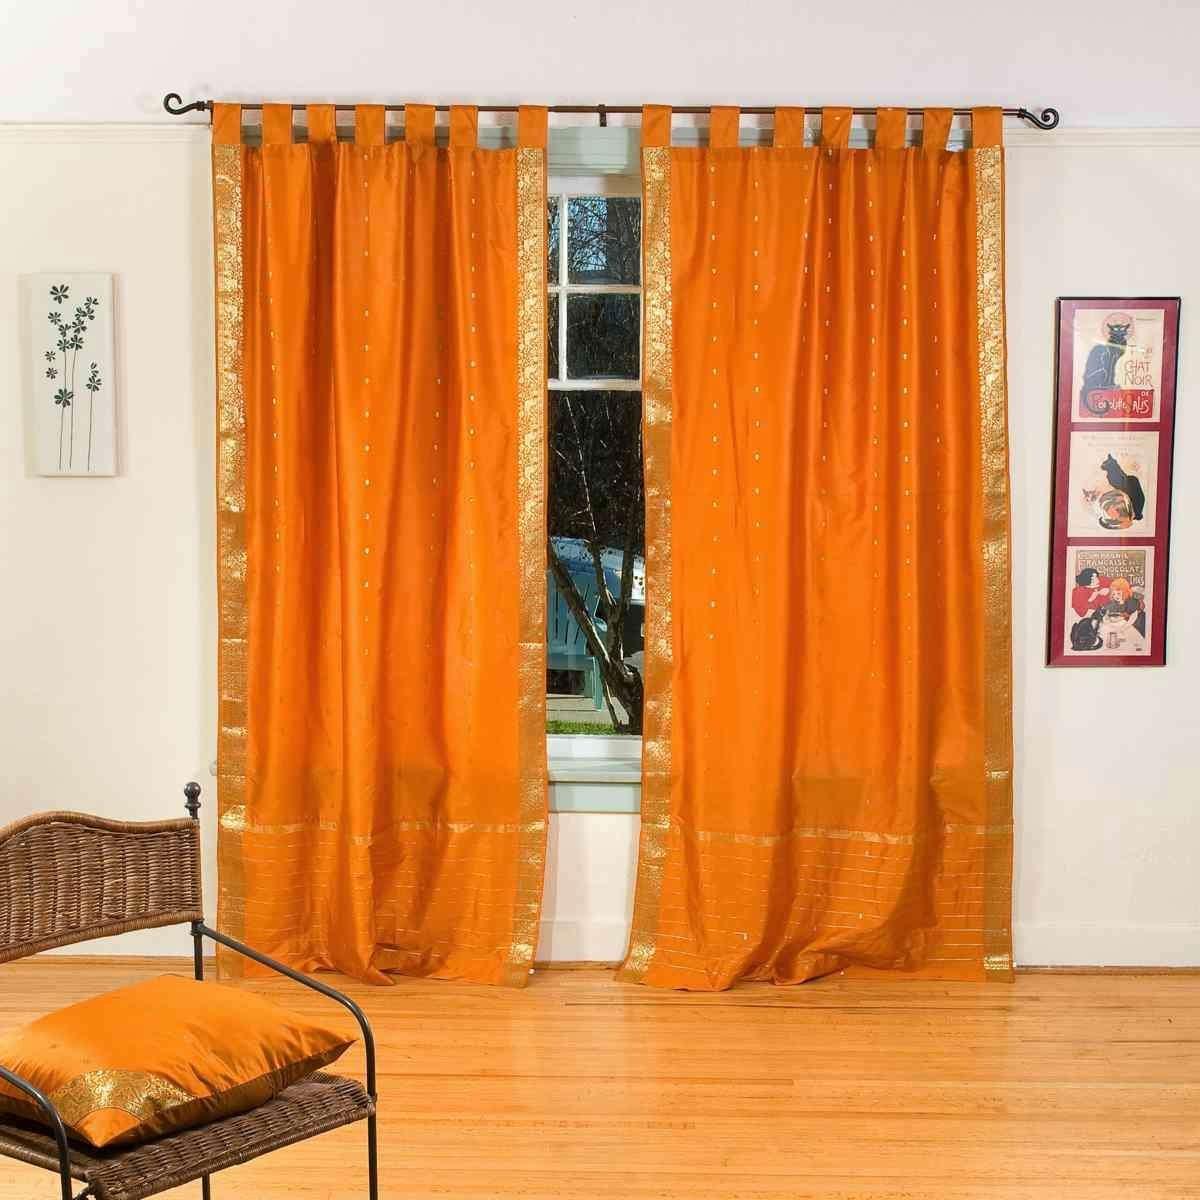 Indian Selections Mustard Tab Top Sheer Sari Café Curtain/Drape/Panel - 43W x 24L - Piece